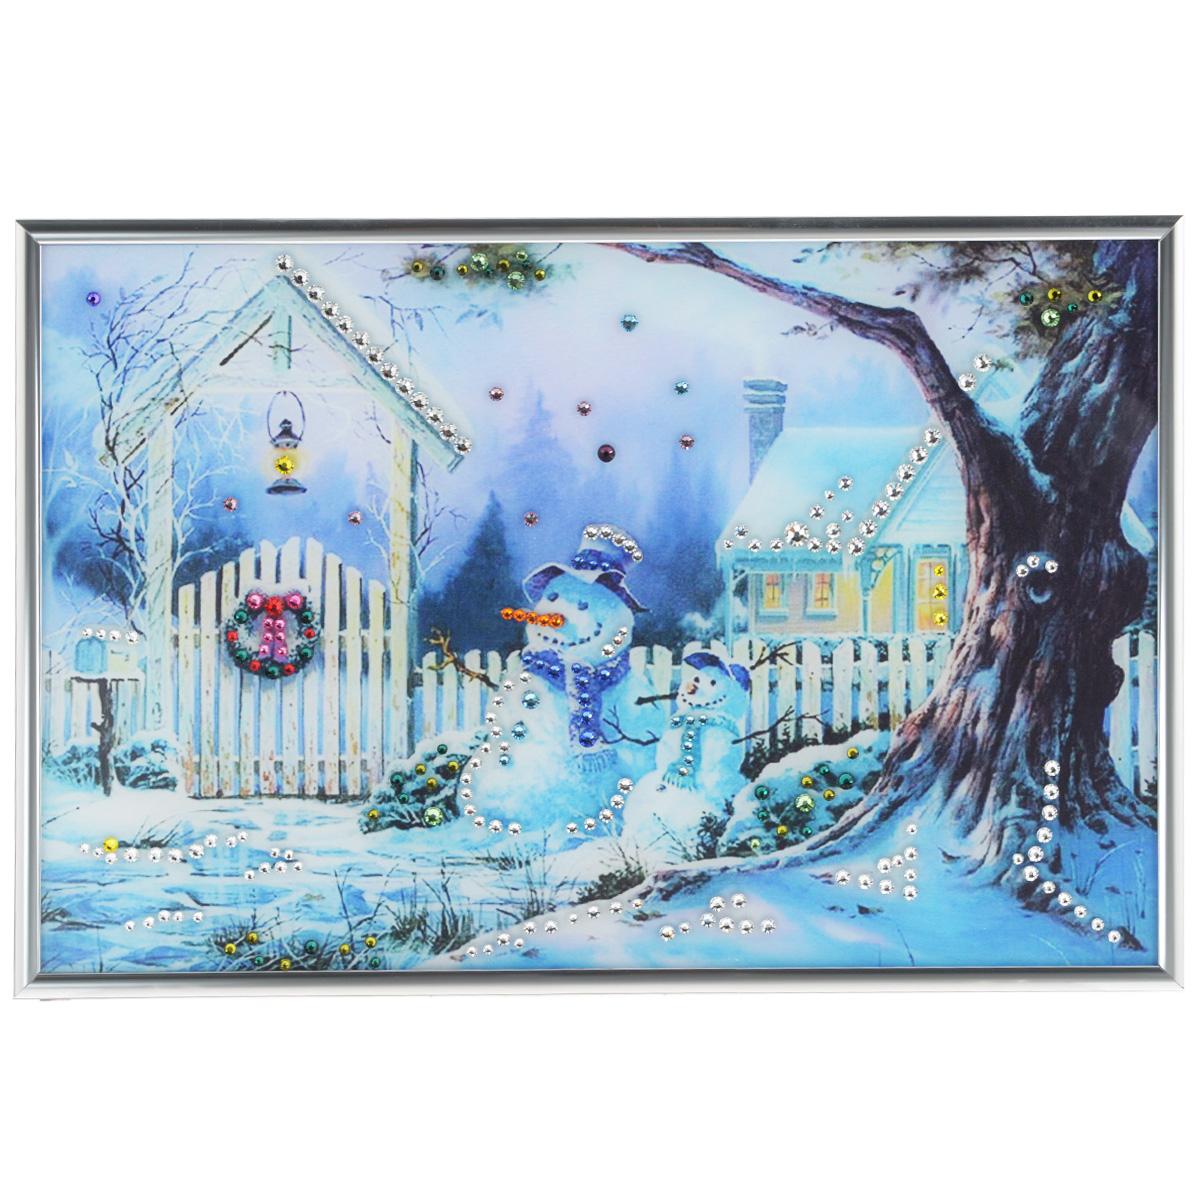 Картина с кристаллами Swarovski Зимнее утро, 31 см х 21 см1110Изящная картина в металлической раме, инкрустирована кристаллами Swarovski, которые отличаются четкой и ровной огранкой, ярким блеском и чистотой цвета. Красочное изображение зимнего дворика и снеговиков, расположенное под стеклом, прекрасно дополняет блеск кристаллов. С обратной стороны имеется металлическая петелька для размещения картины на стене. Картина с кристаллами Swarovski Зимнее утро элегантно украсит интерьер дома или офиса, а также станет прекрасным подарком, который обязательно понравится получателю. Блеск кристаллов в интерьере, что может быть сказочнее и удивительнее. Картина упакована в подарочную картонную коробку синего цвета и комплектуется сертификатом соответствия Swarovski.